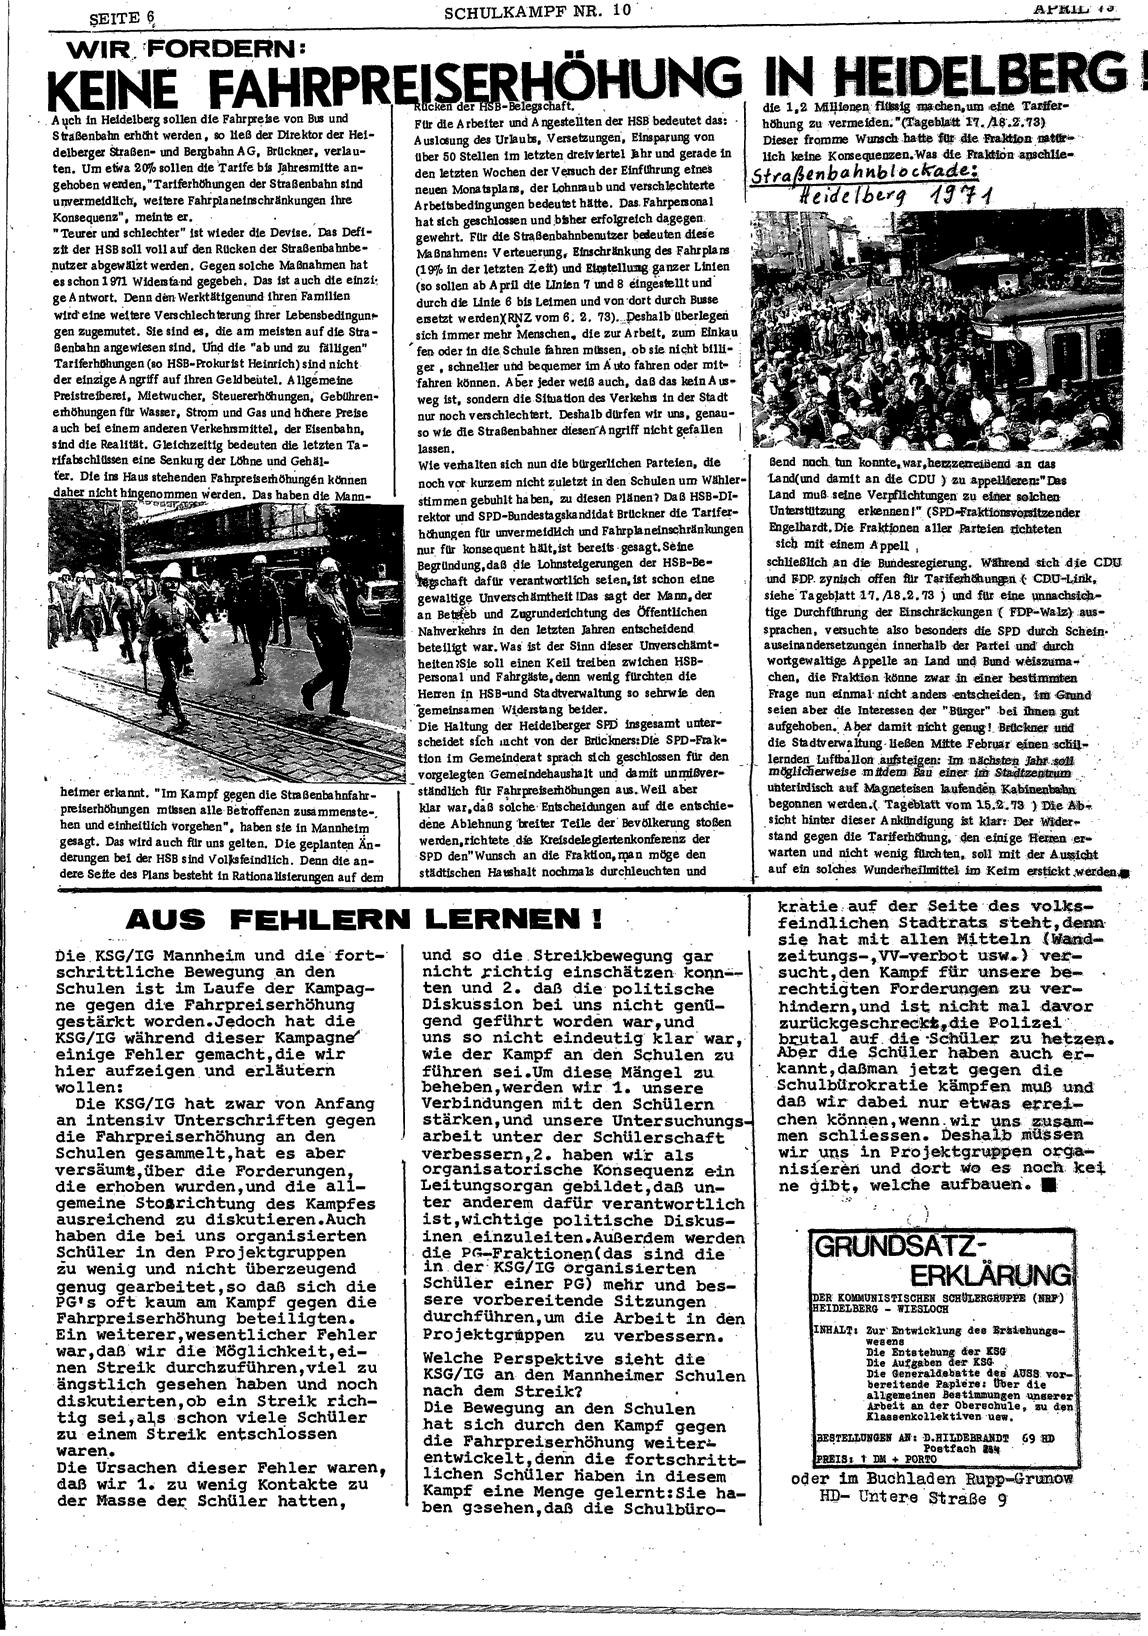 Schulkampf_HD_1973_10_06